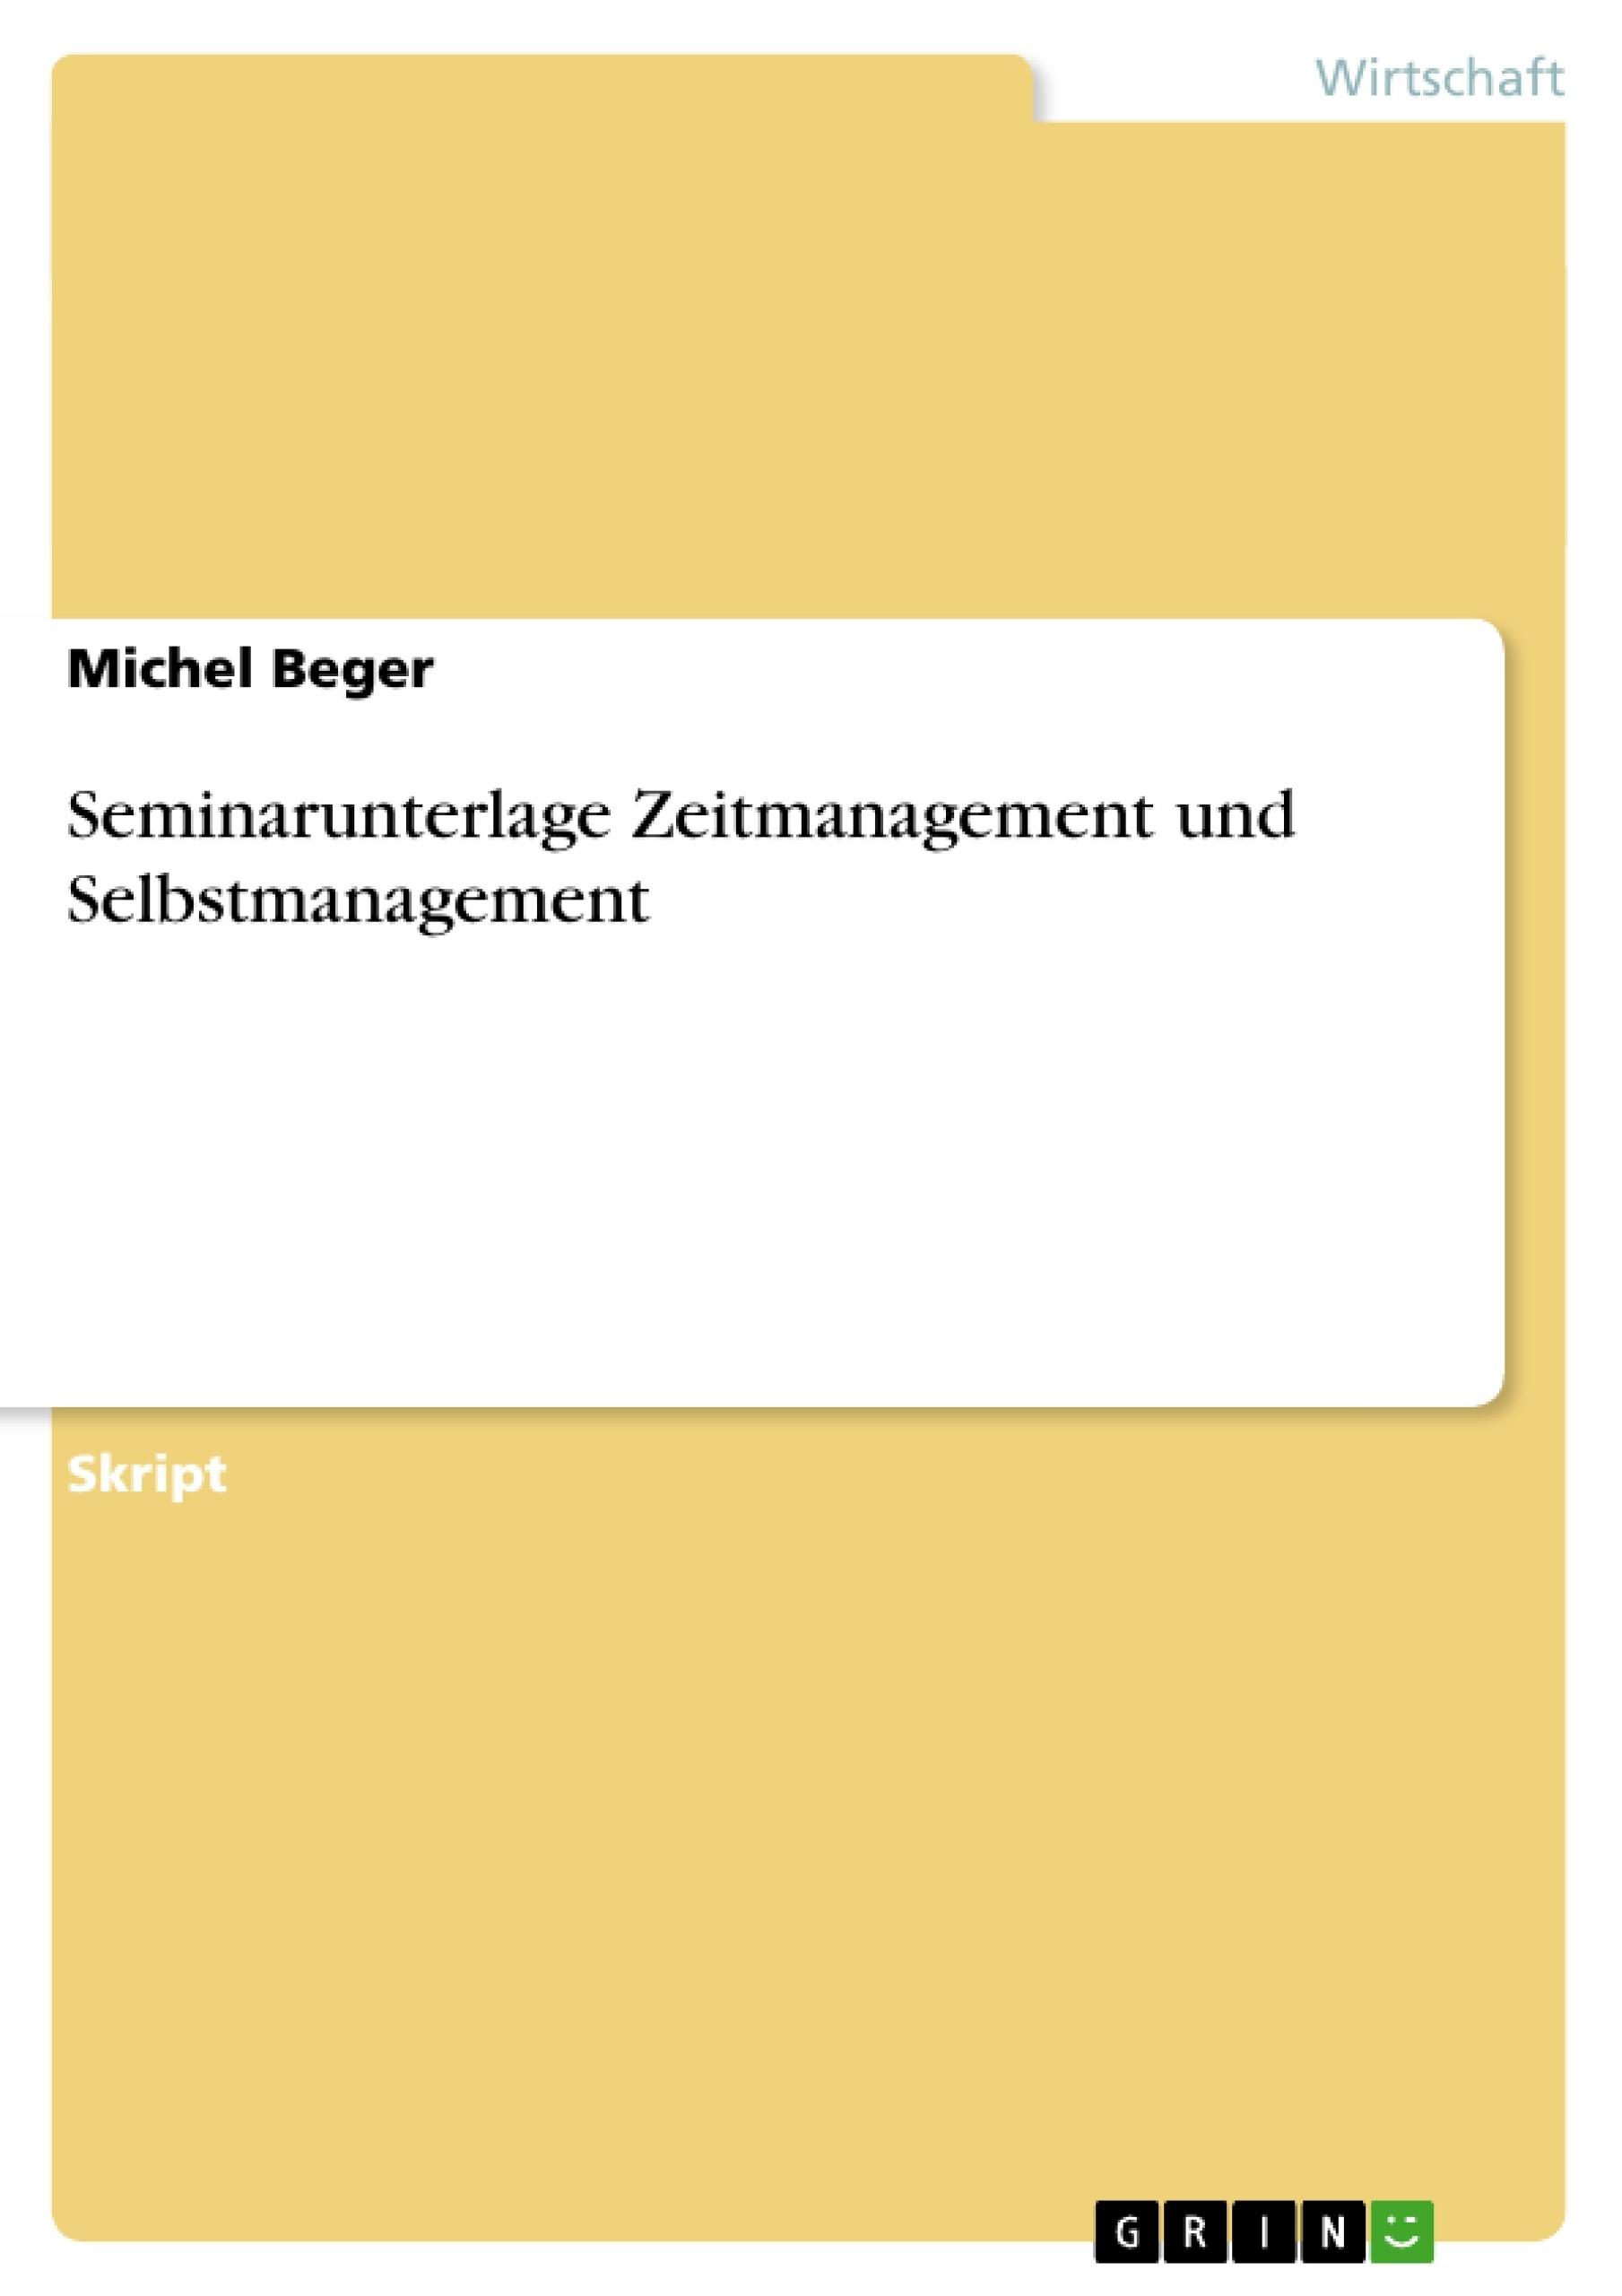 Titel: Seminarunterlage Zeitmanagement und Selbstmanagement